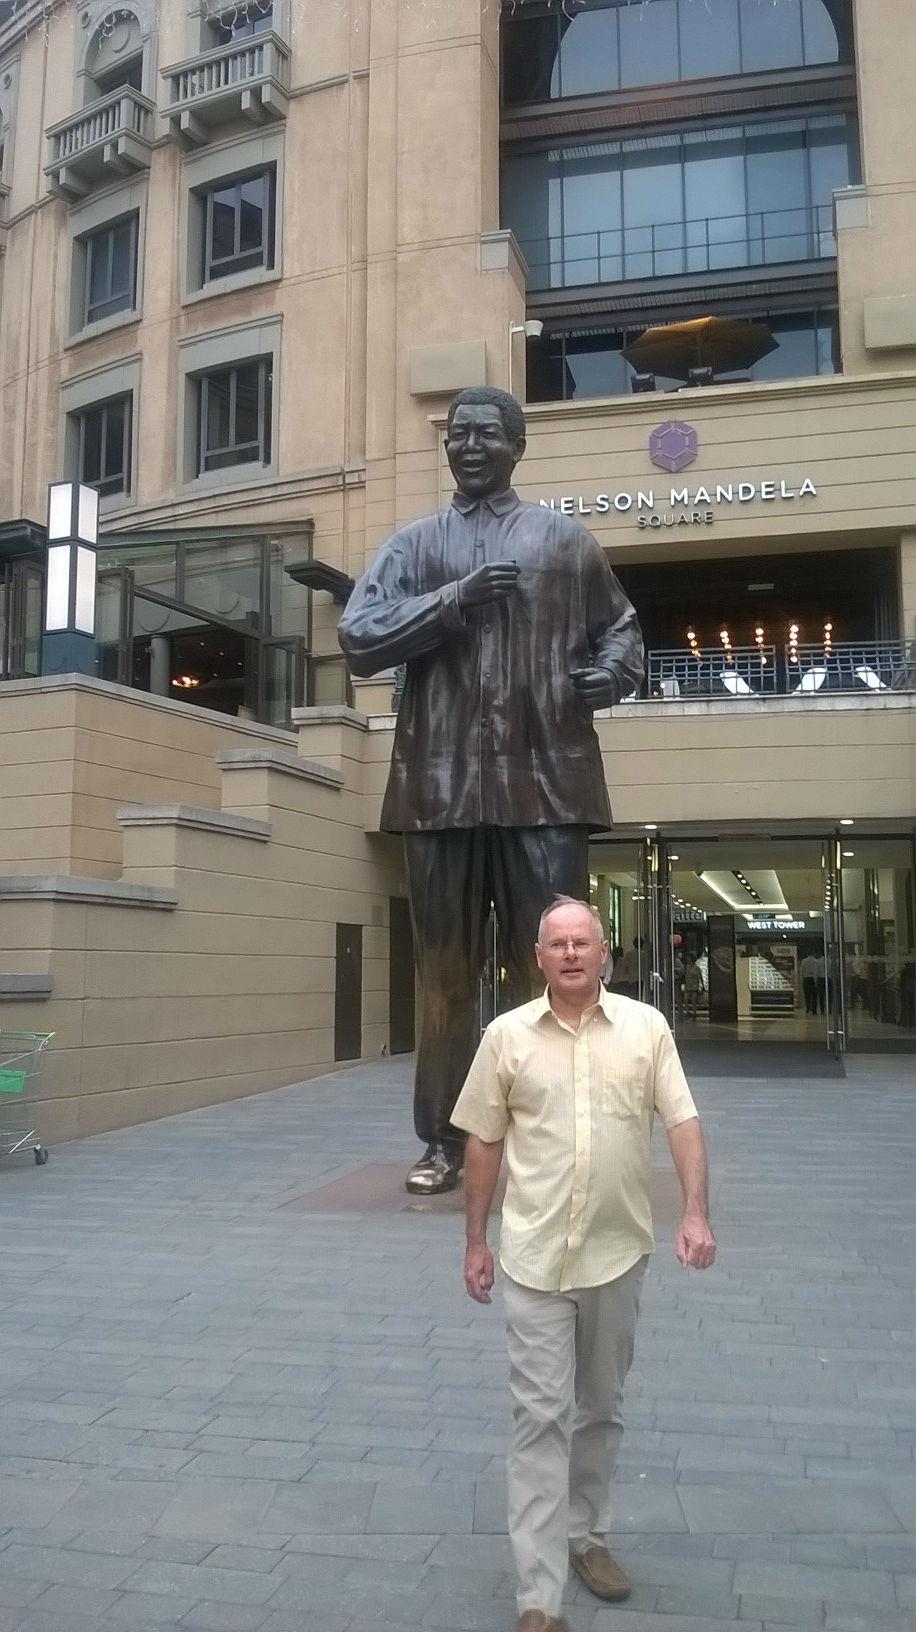 2016 - Nelson Mandela statue in Sandton